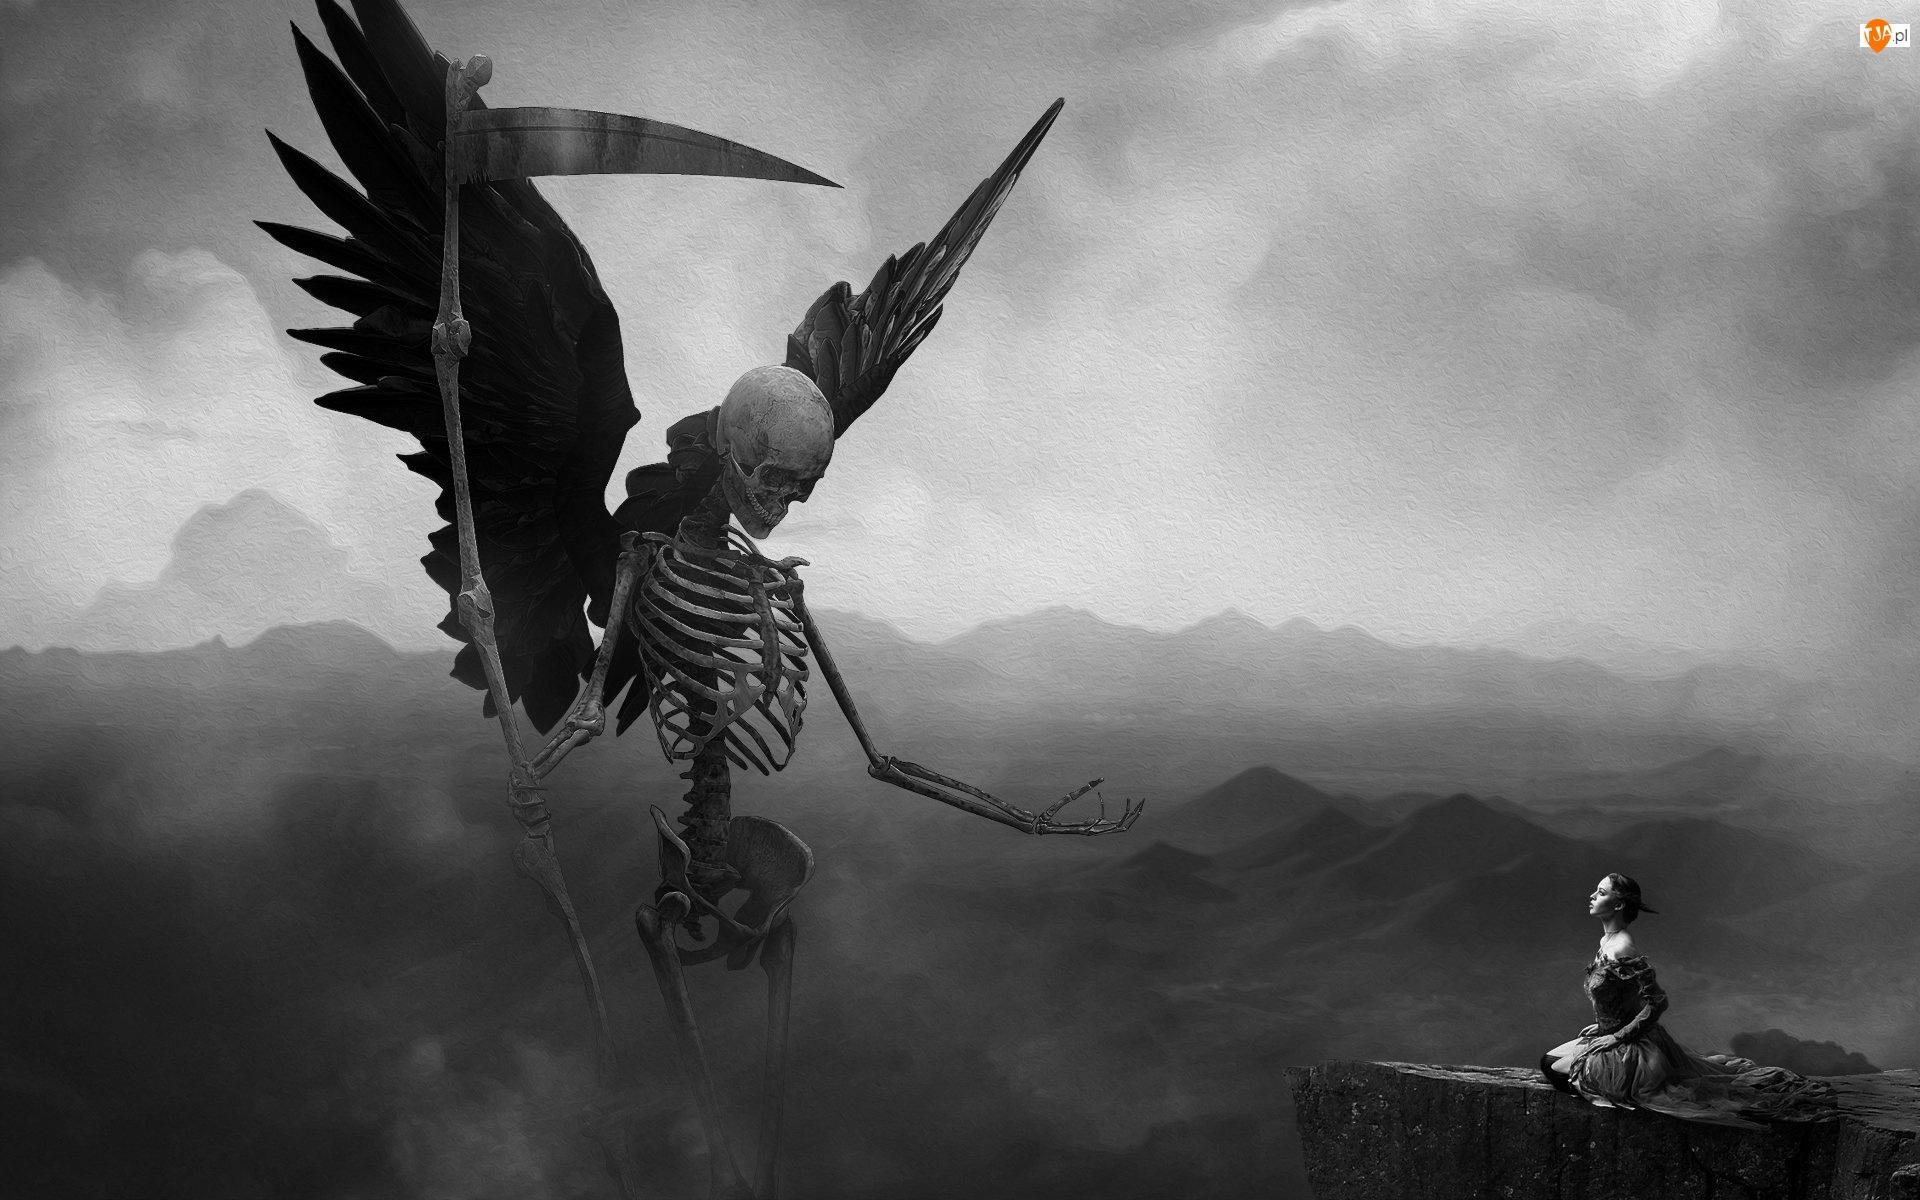 Śmierć, Mroczne, Czarno-Białe, Grafika 2D, Fantasy, Kobieta